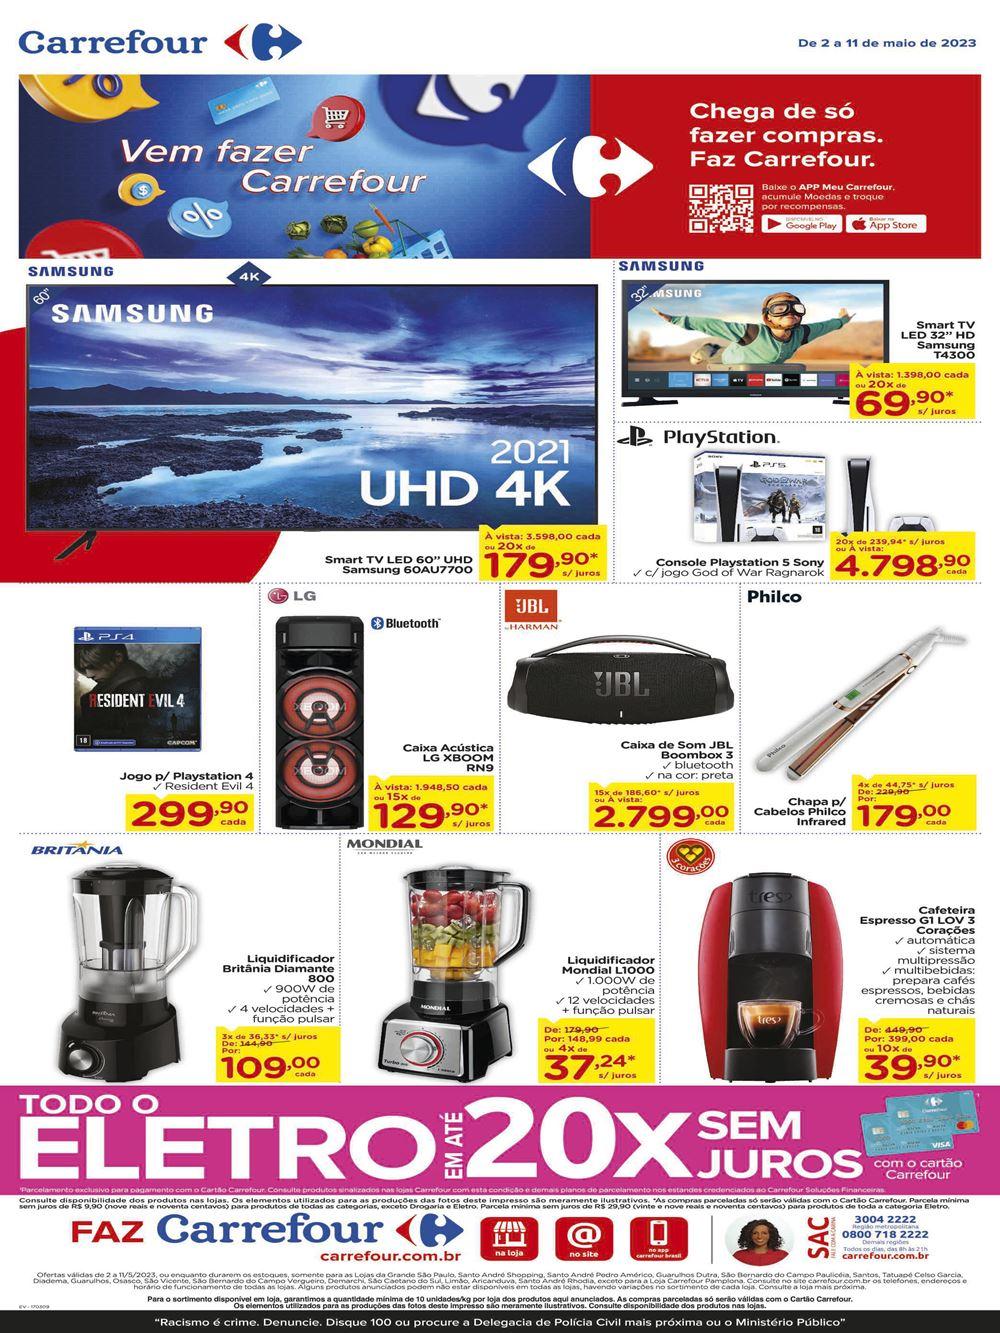 carrefour-ofertas-descontos-hoje13-16 Carrefour até 08/08